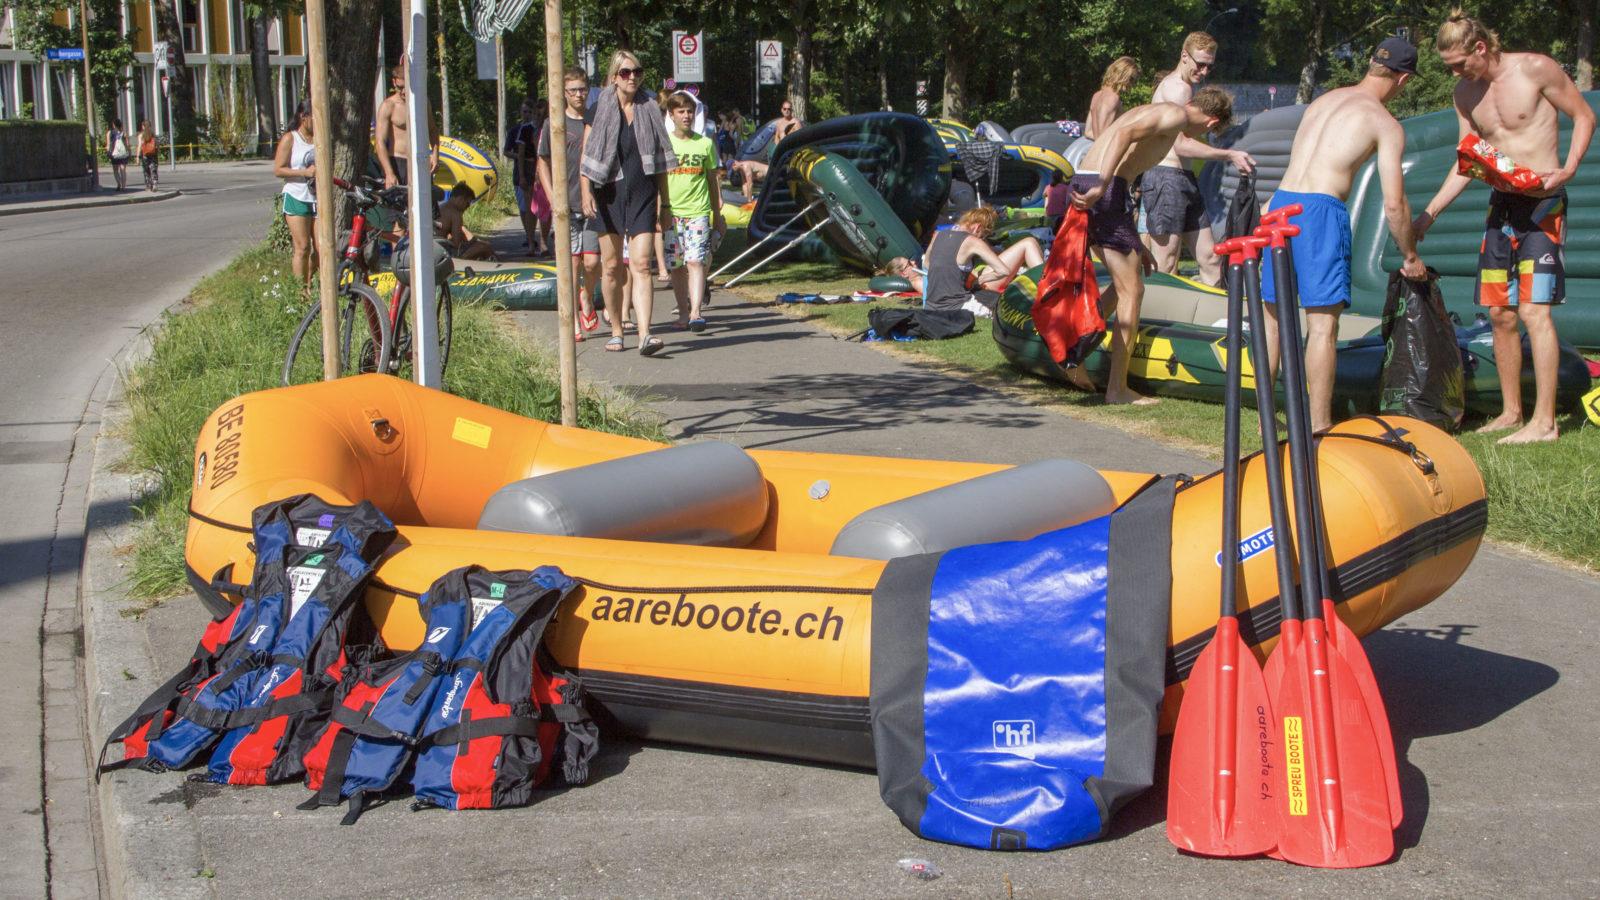 Flusstaugliches Schlauchboot mit Schwimmwesten, Trockensack und stabilen Paddeln